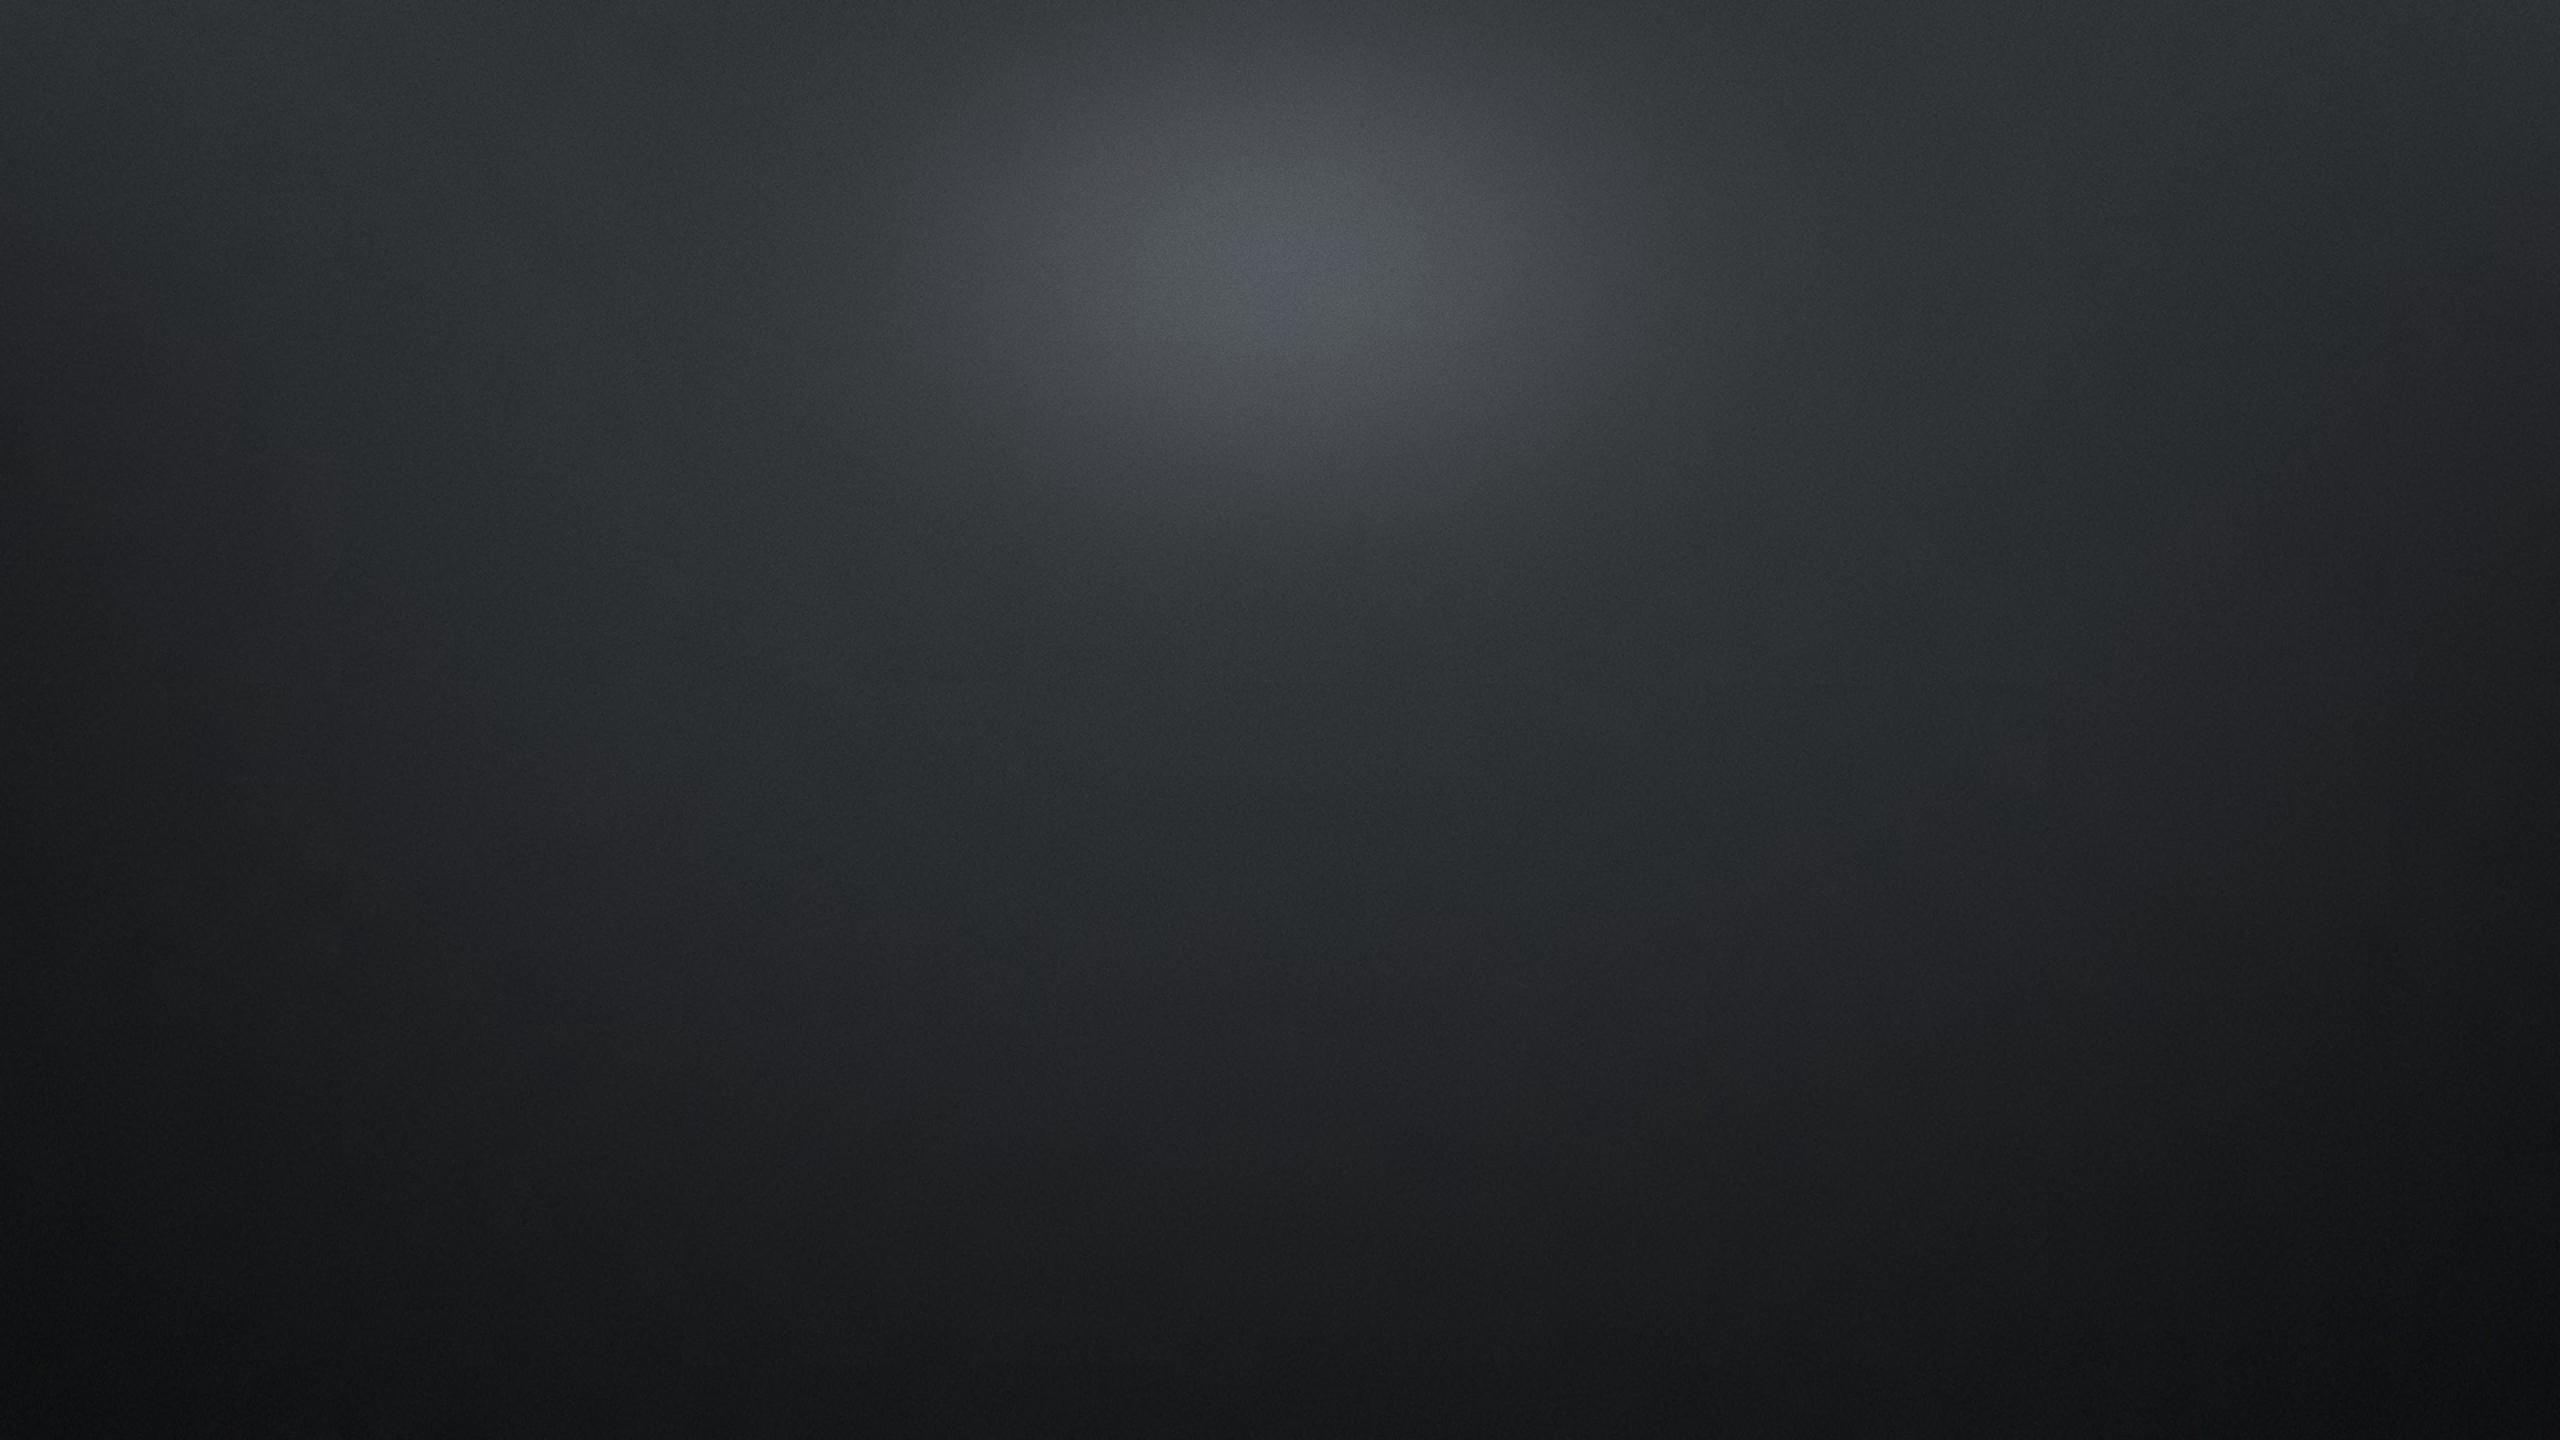 Hintergrund_blanko